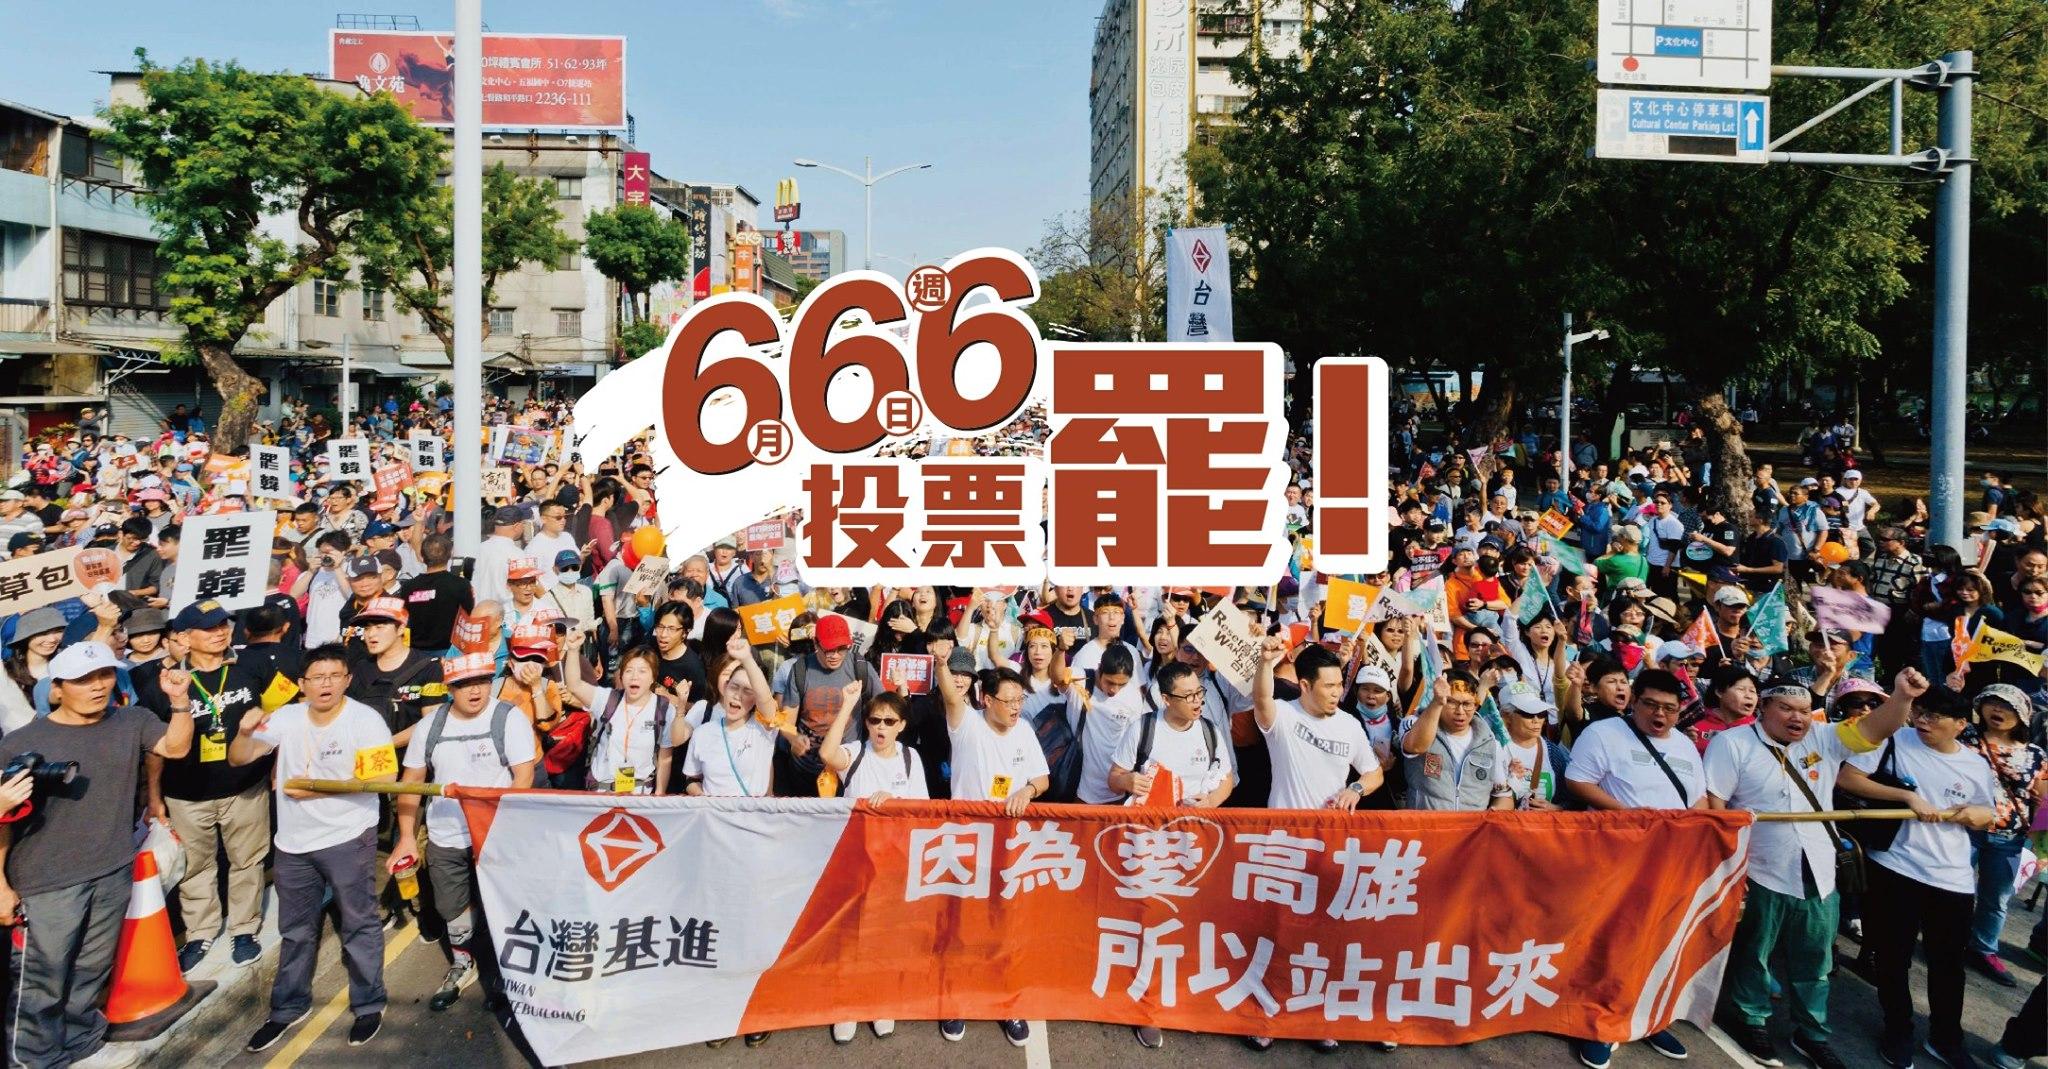 台灣基進呼籲大家明天一定要出來投下罷免贊成票。